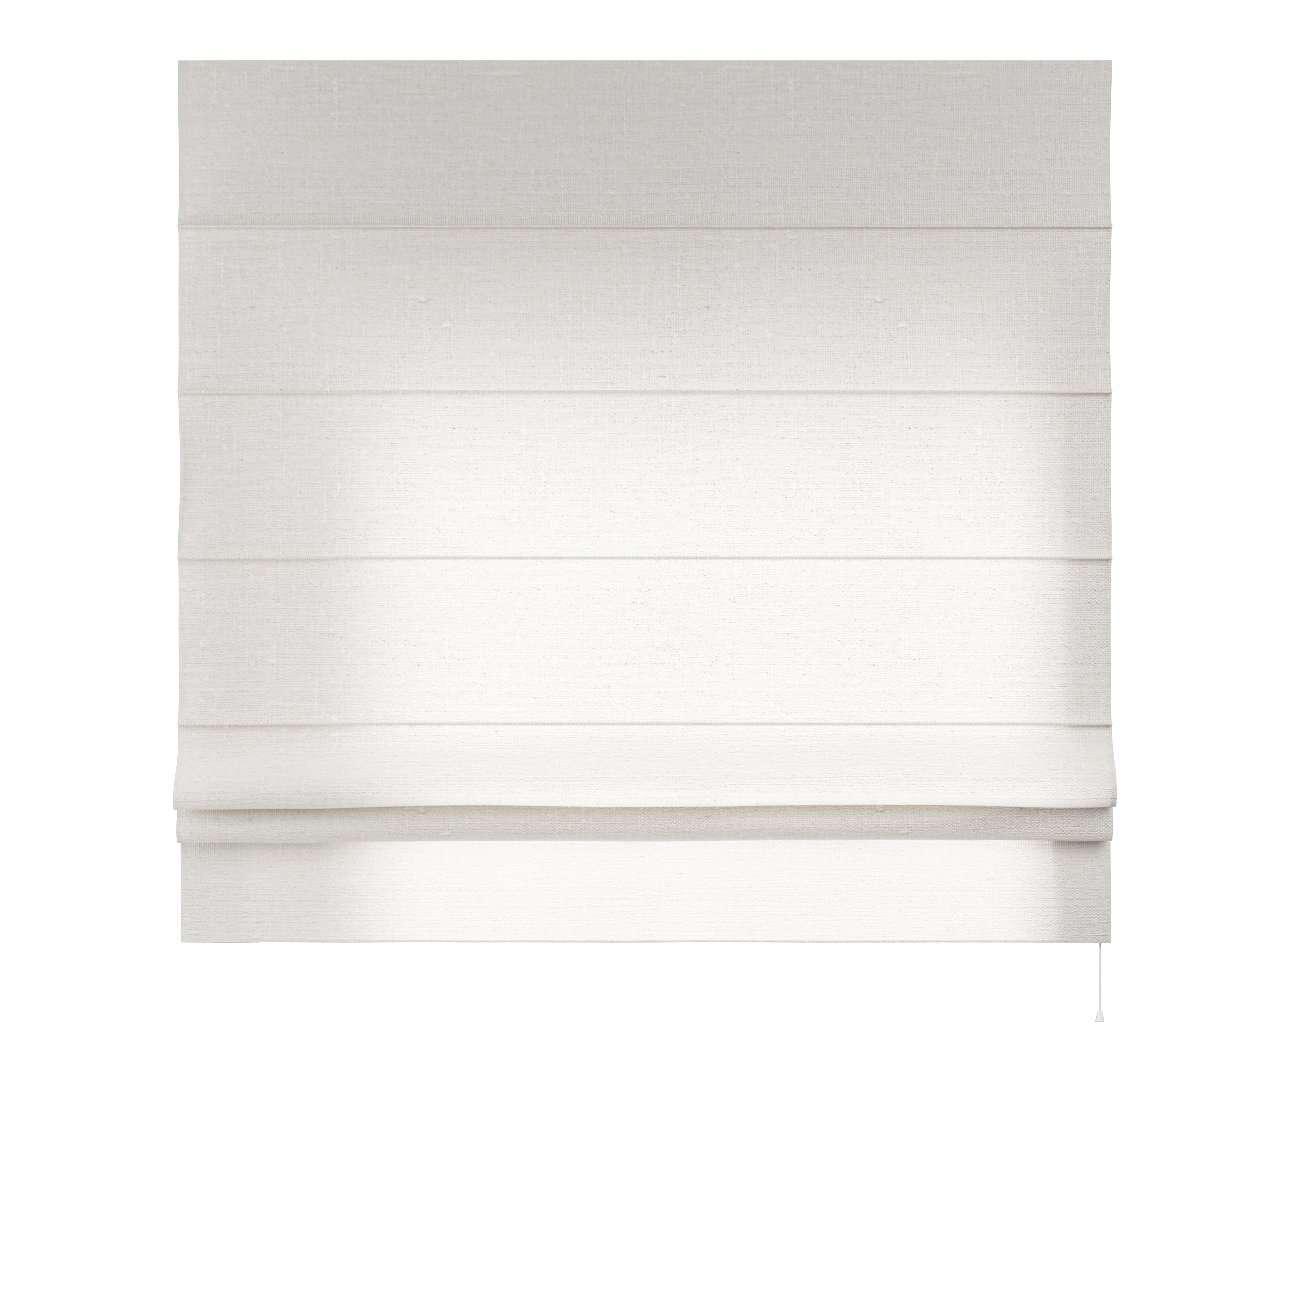 Raffrollo Padva 80 x 170 cm von der Kollektion Leinen, Stoff: 392-04